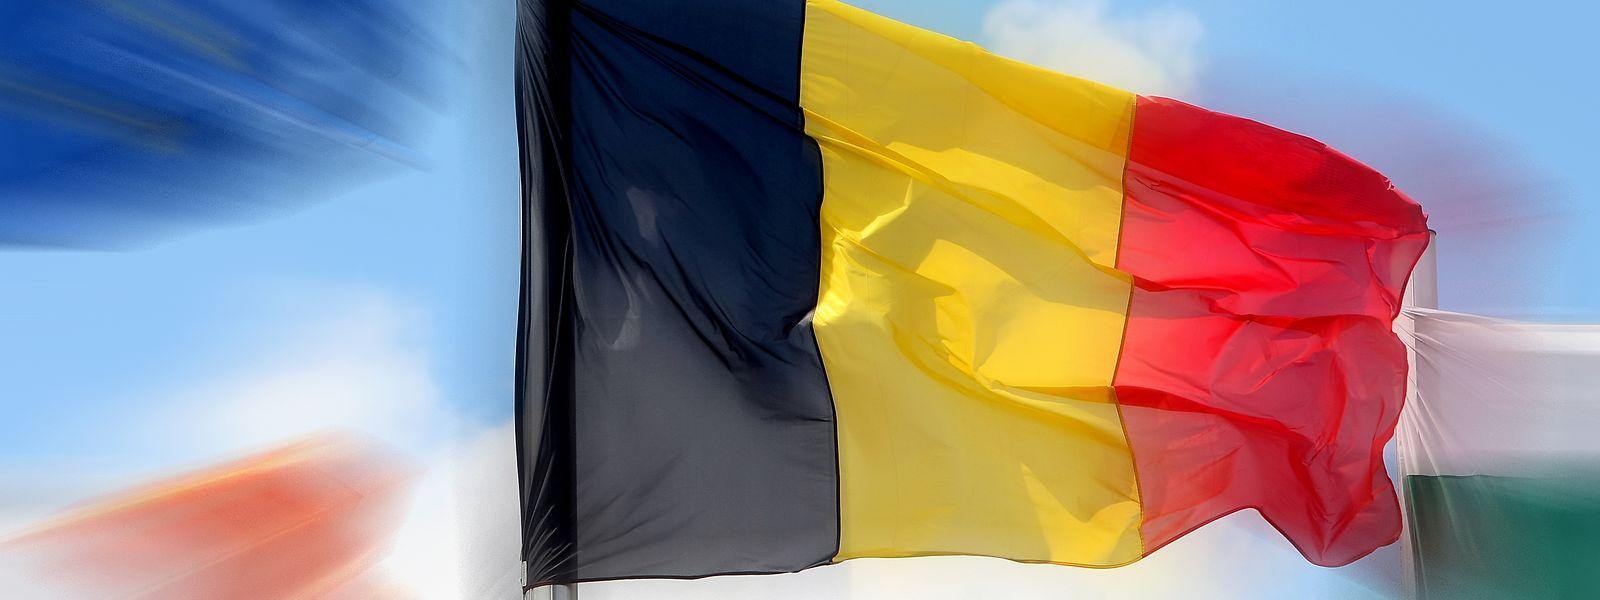 Belgien wird von seiner Kolonialgeschichte eingeholt.